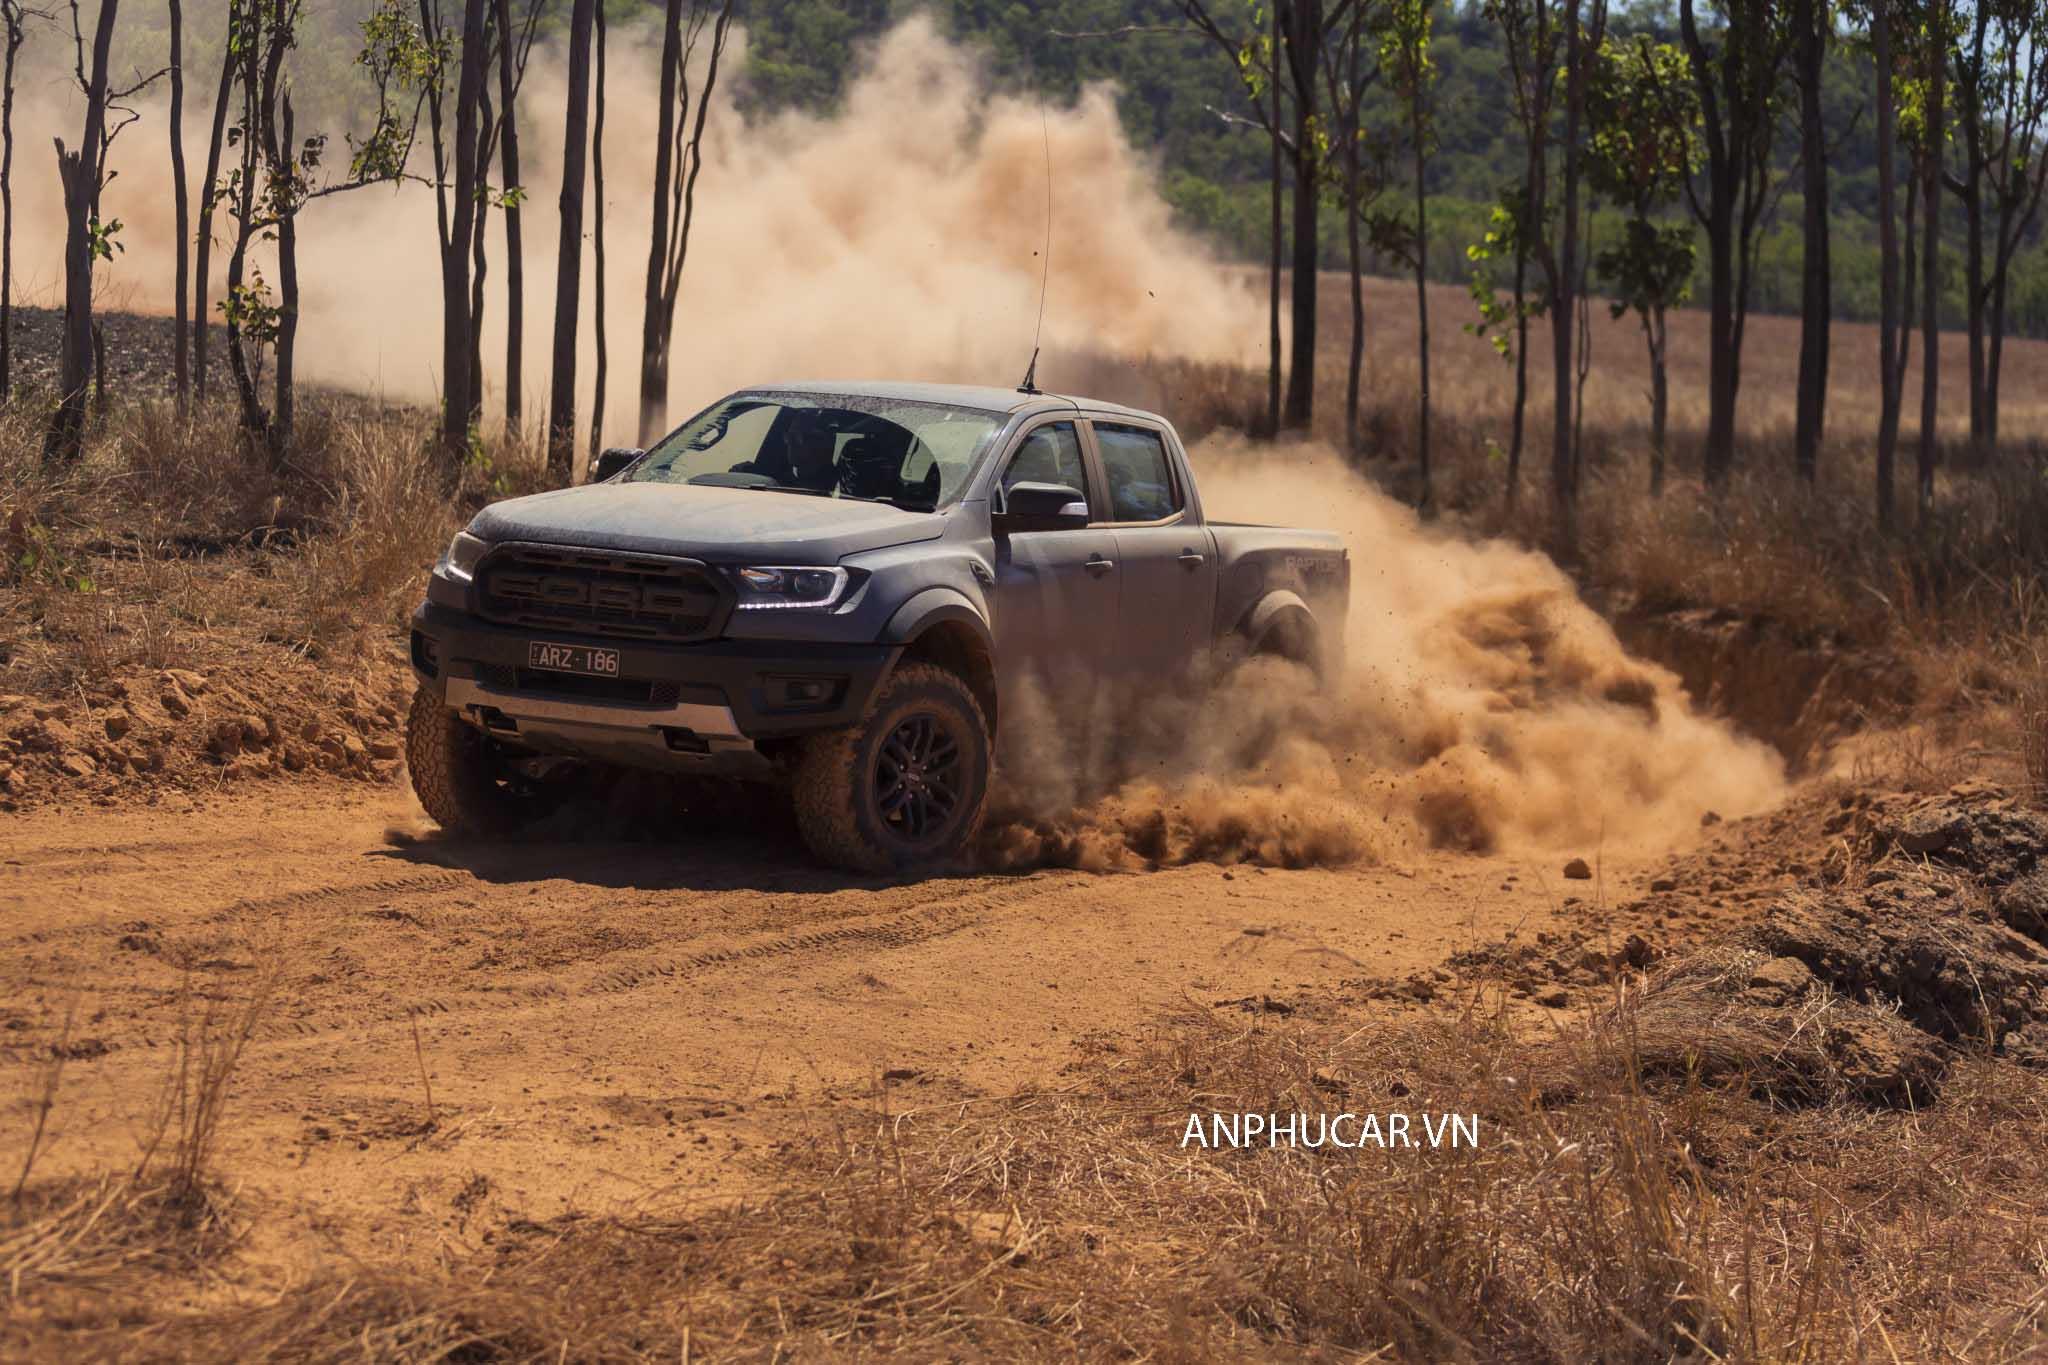 Giá xe Ford Ranger Raptor 2019